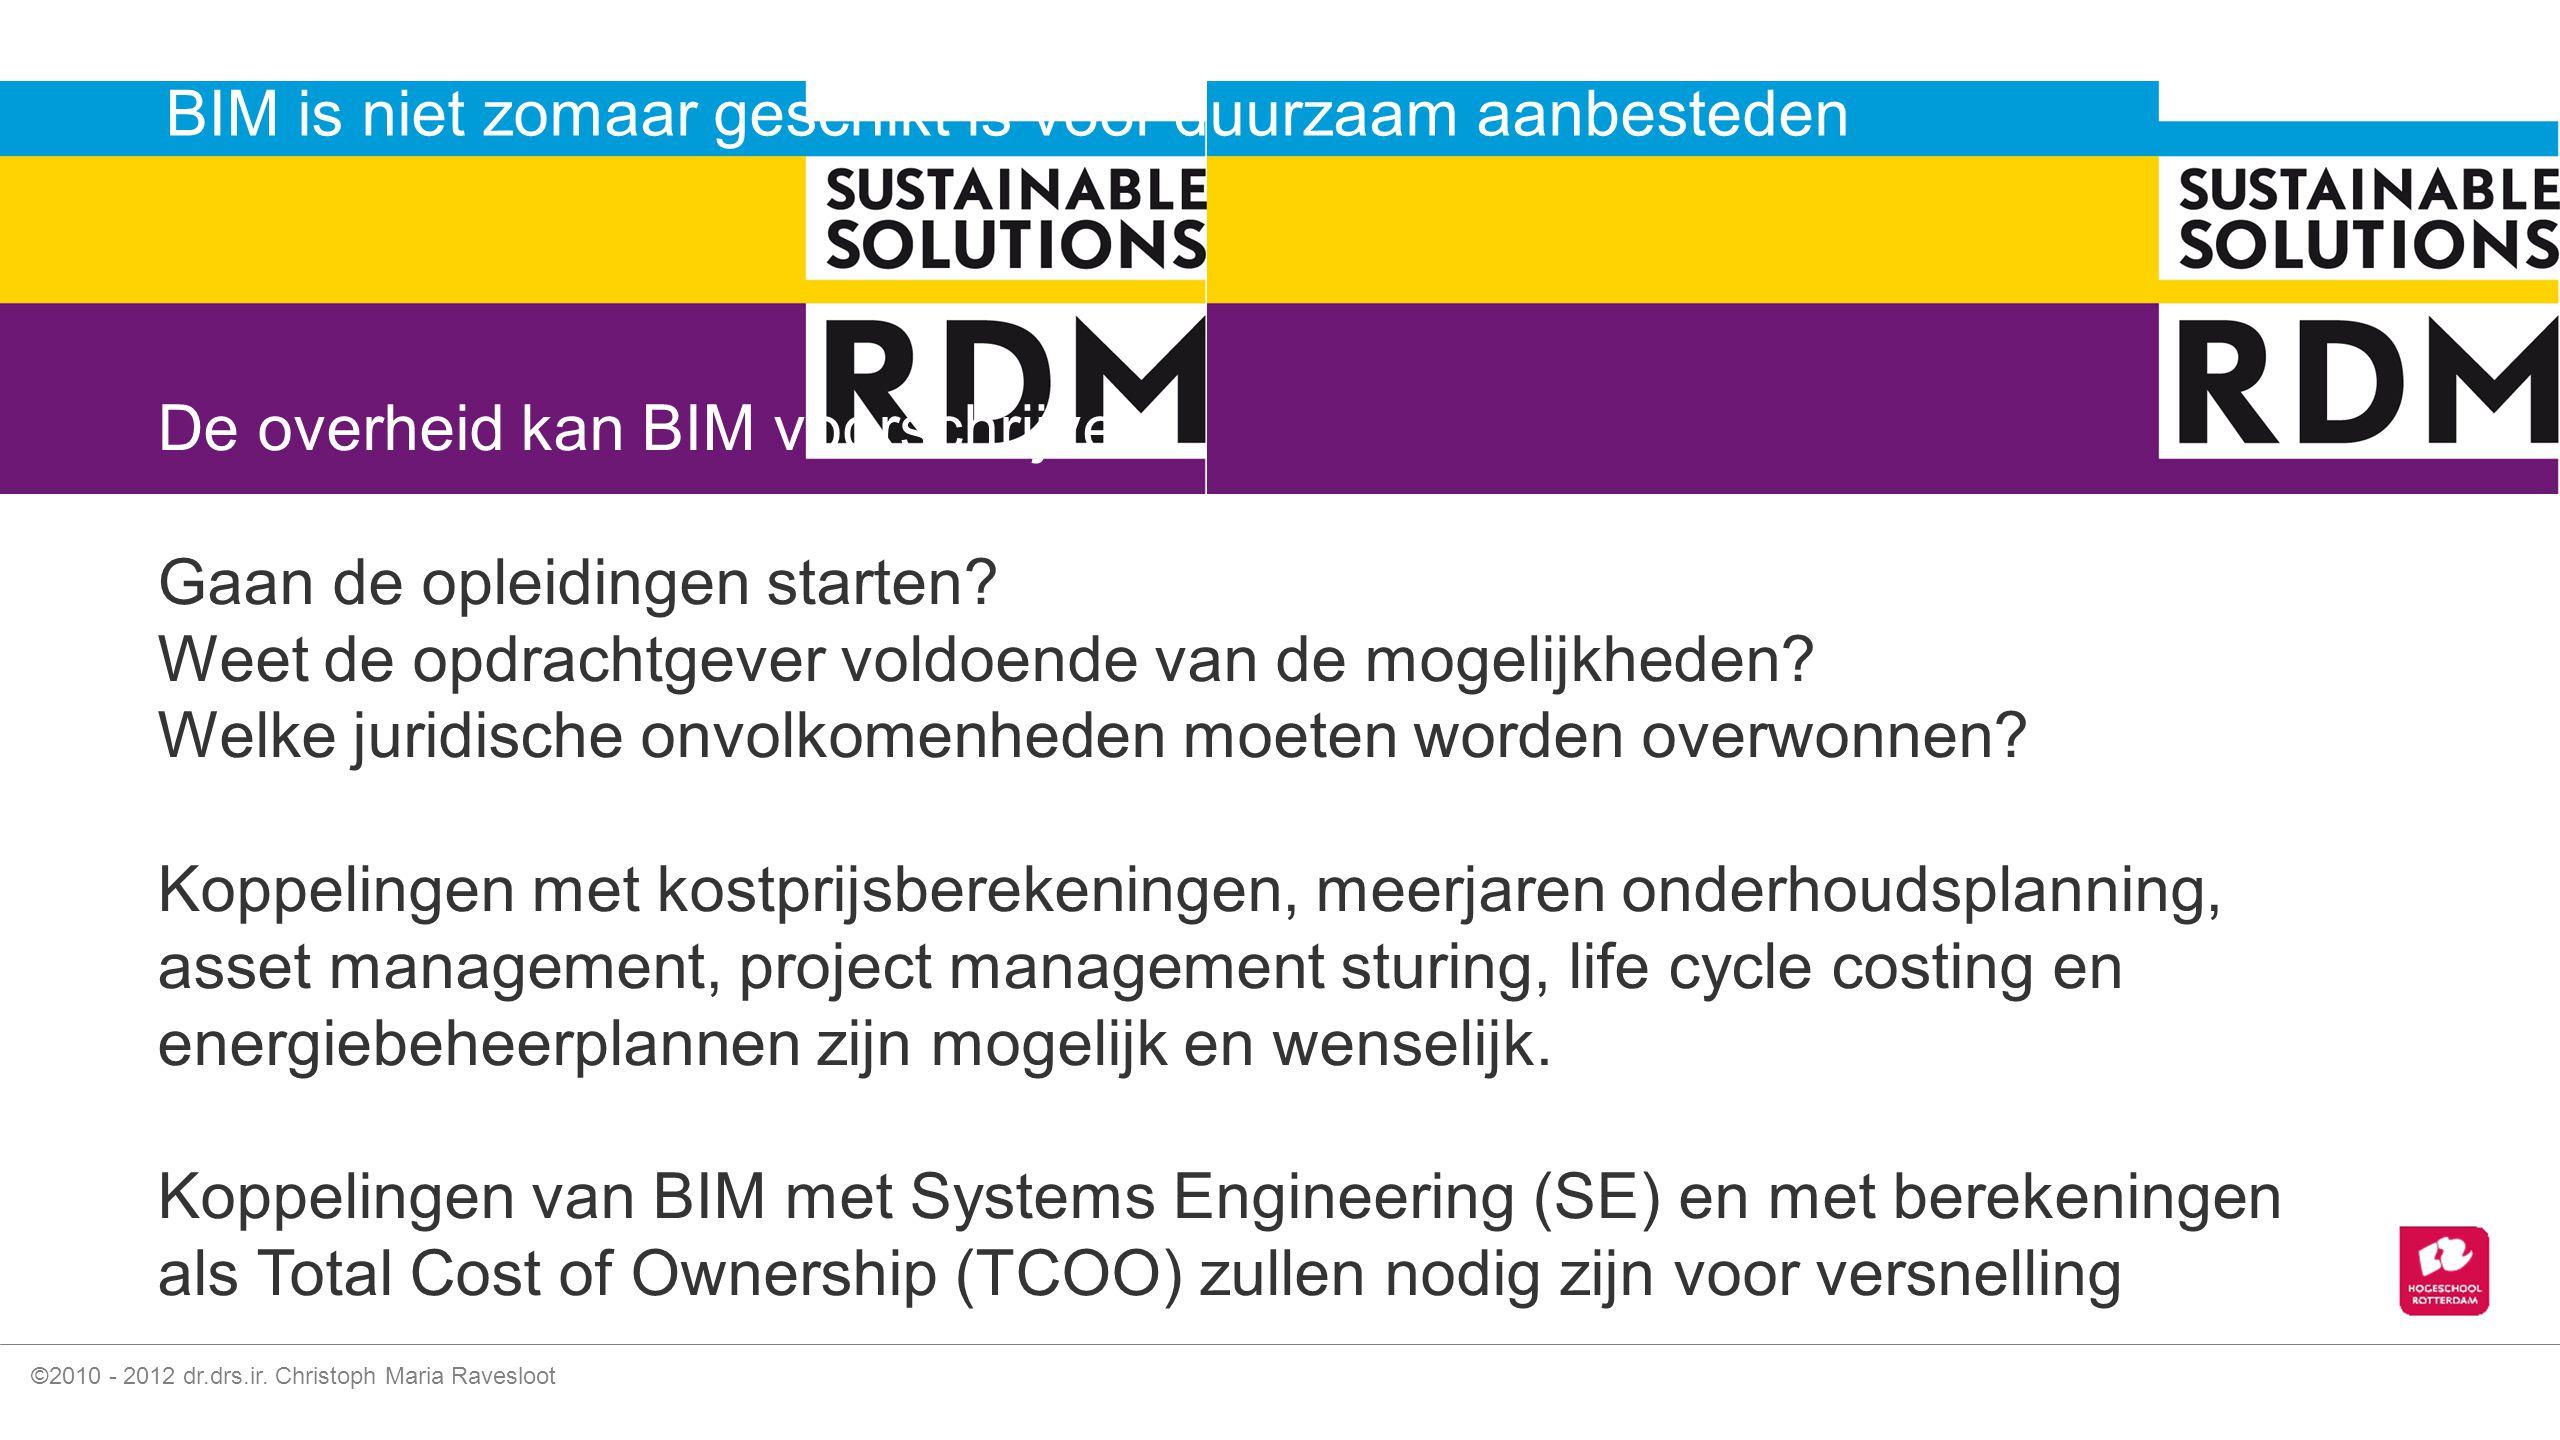 BIM is niet zomaar geschikt is voor duurzaam aanbesteden